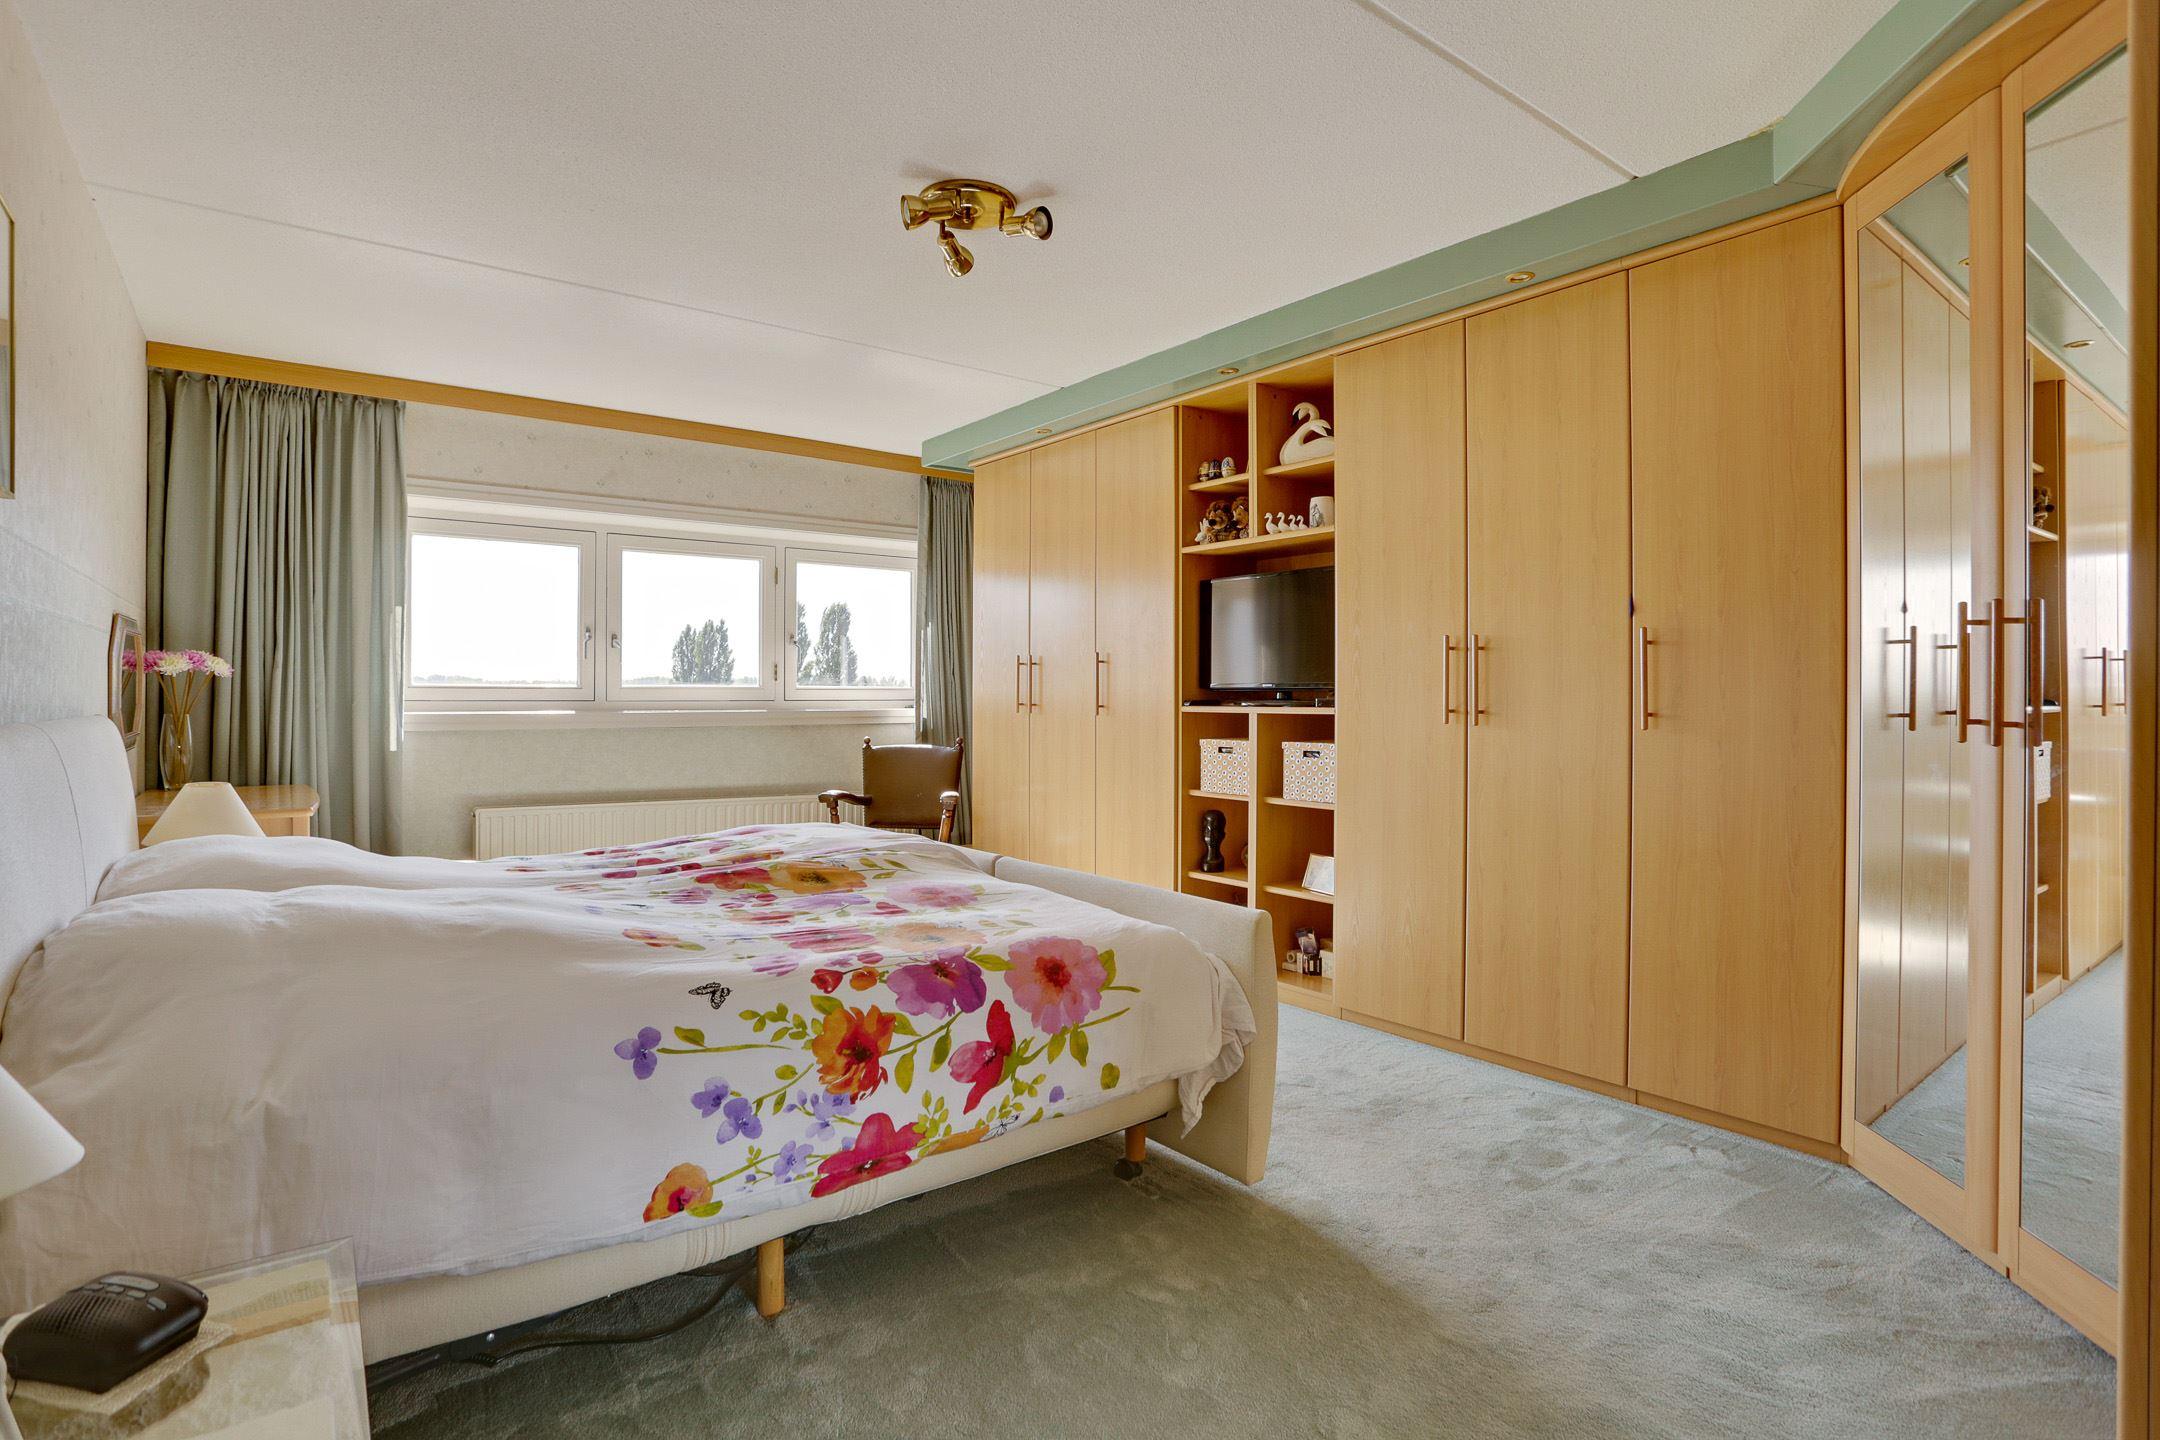 Appartement te koop: Maasboulevard 331 5237 WV Den Bosch [funda]